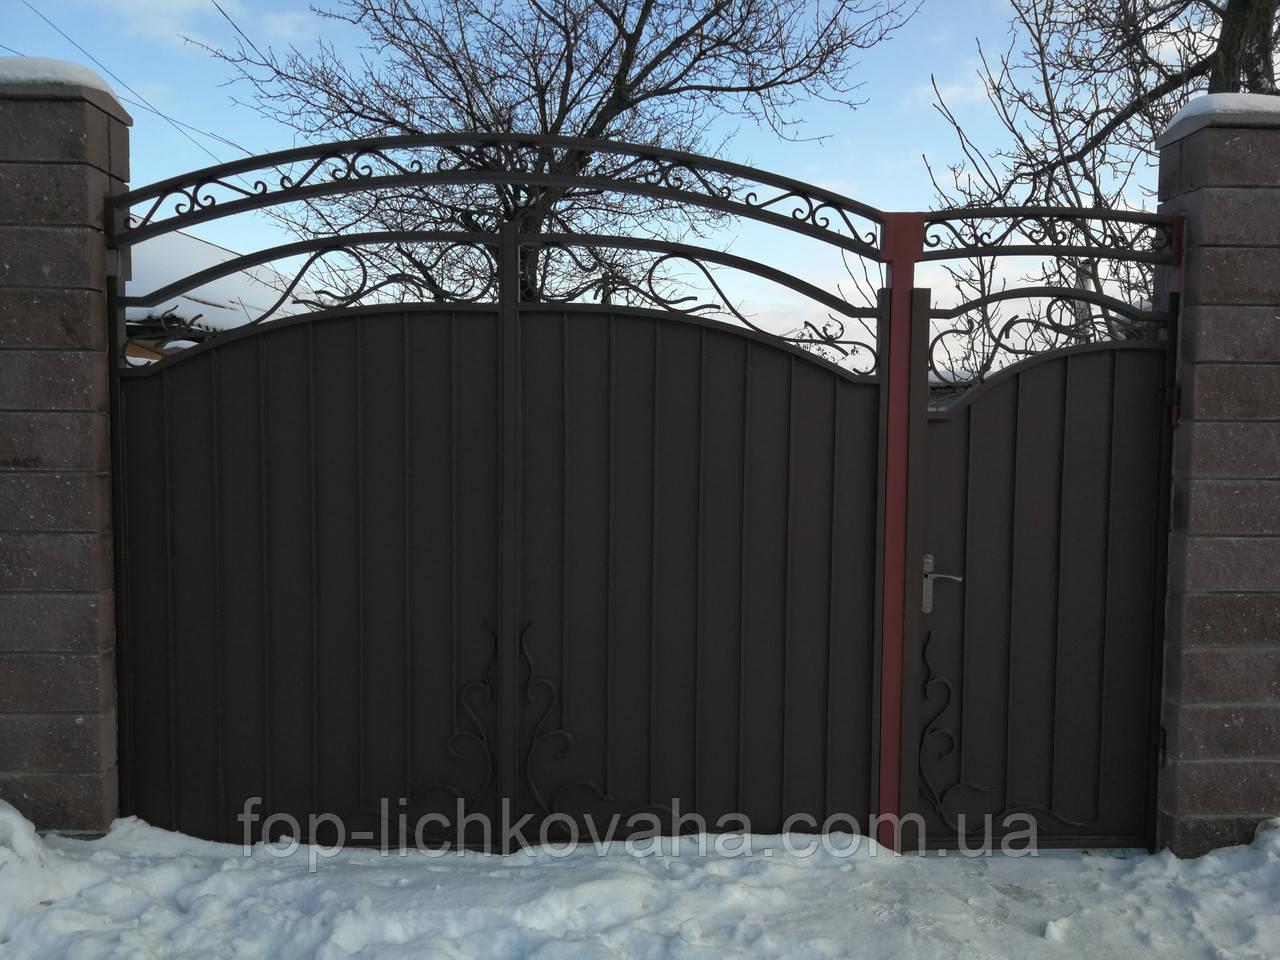 Ворота металлические кованые